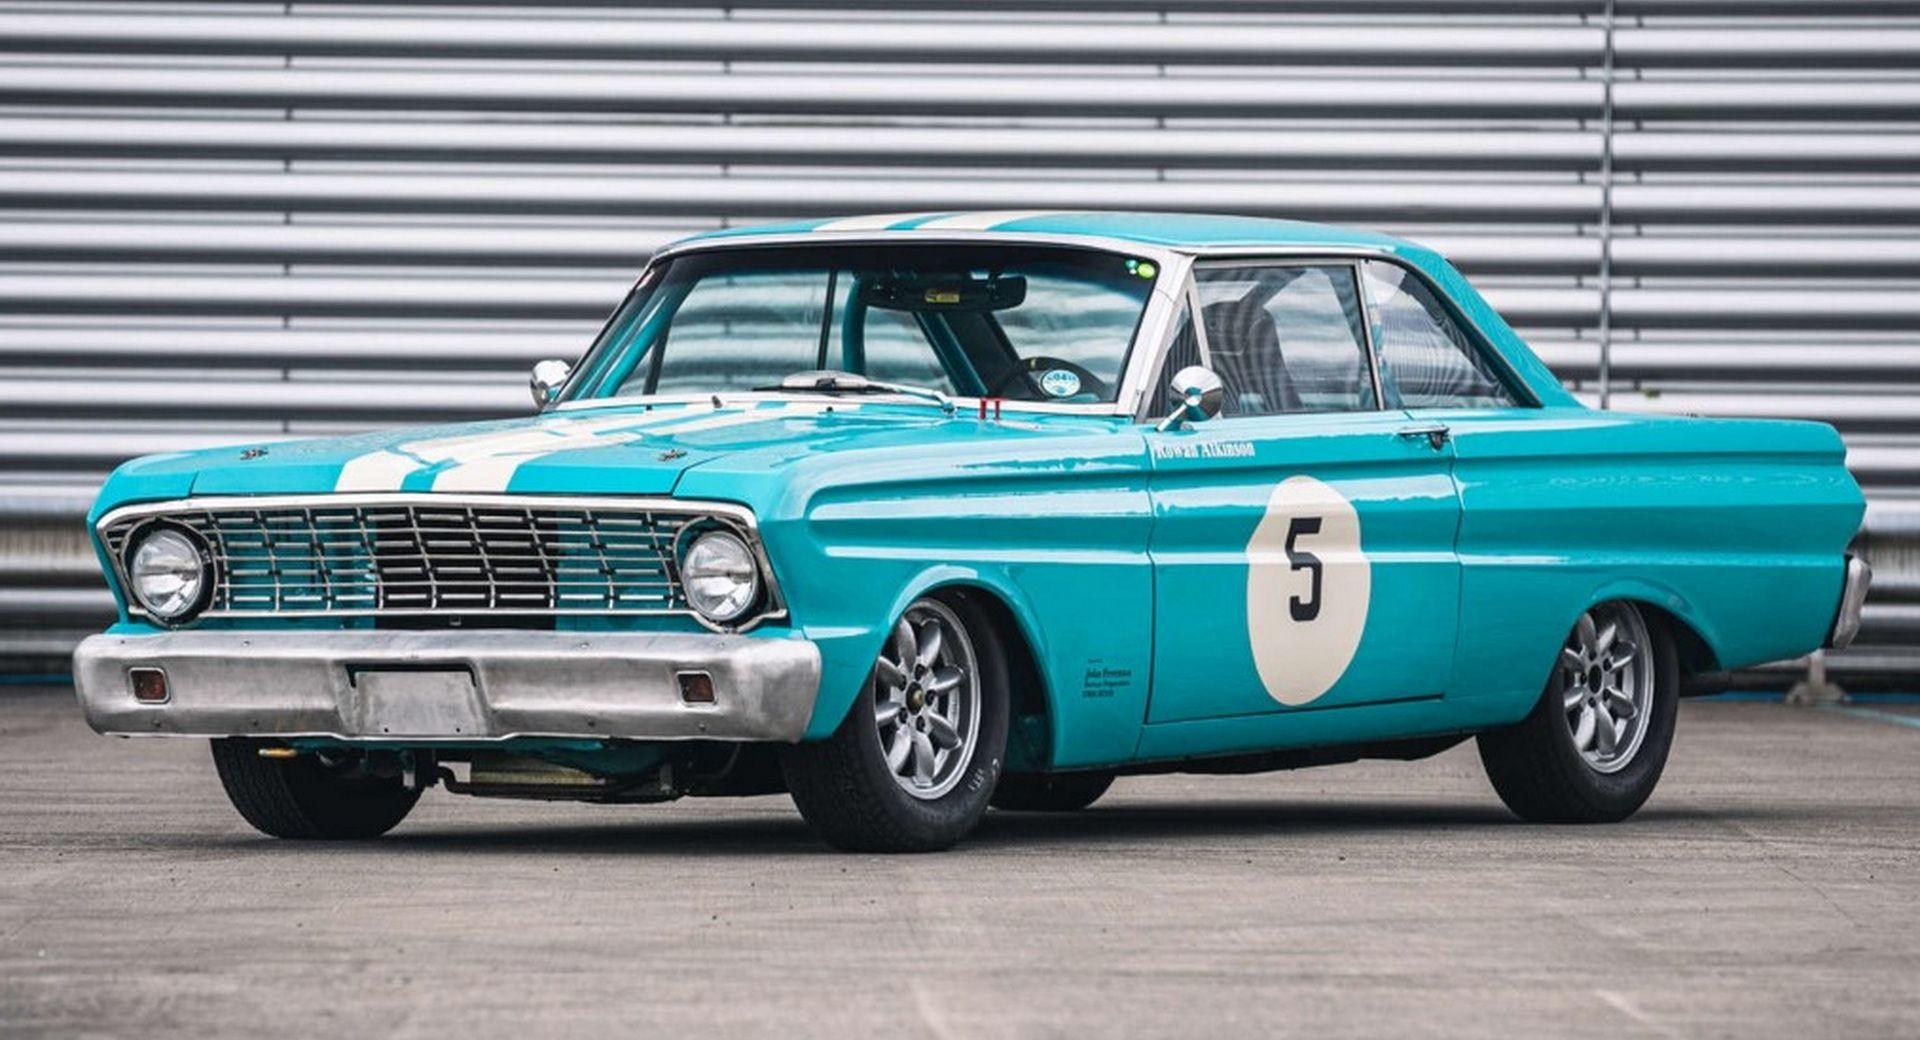 Гоночный Ford Falcon 1964 года выпуска Роуэна Аткинсона